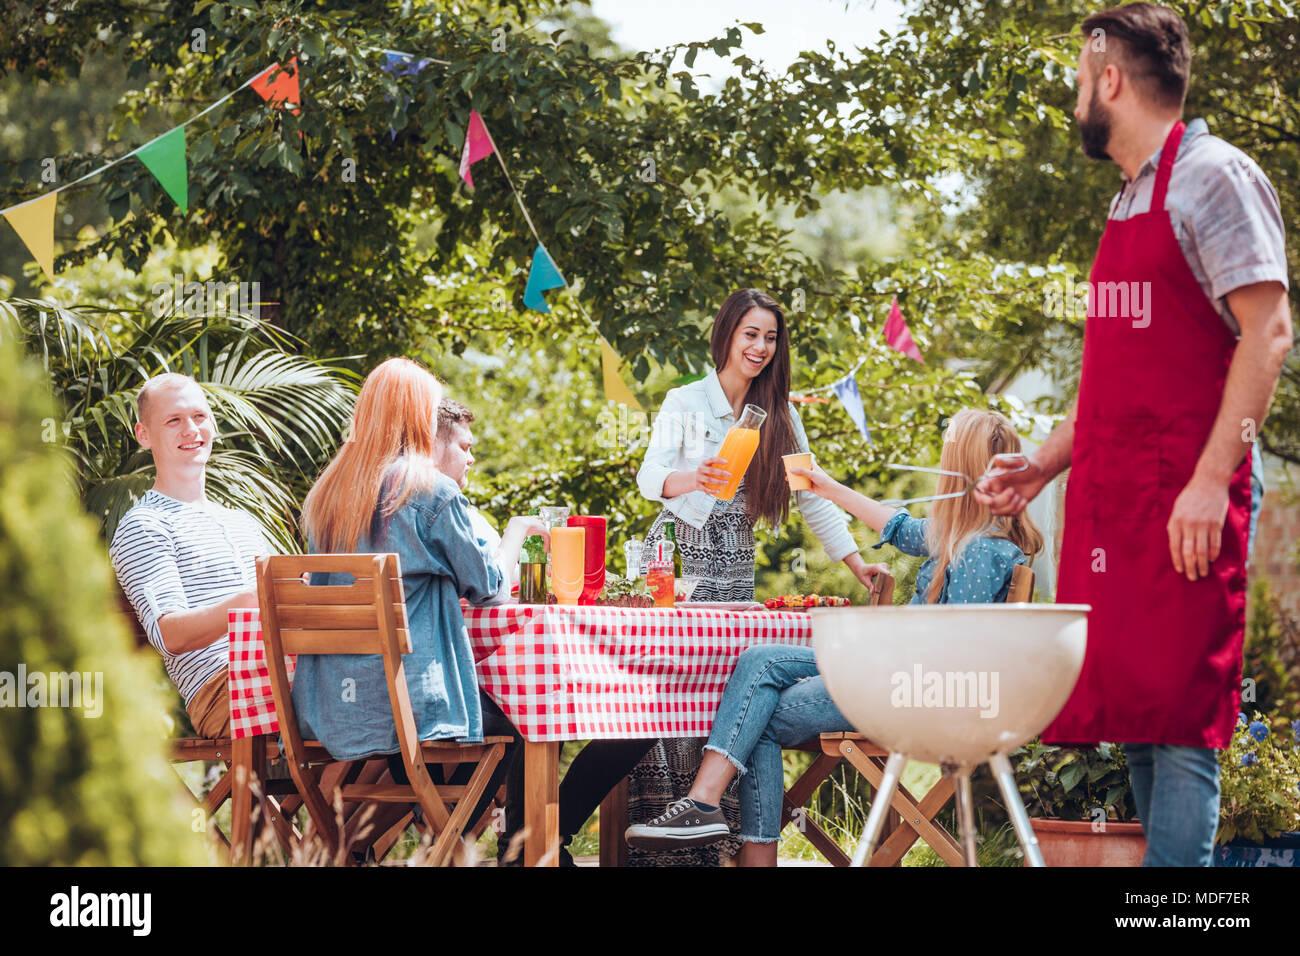 Gruppe von Fröhlichen Freunden feiern und gemeinsam Grillen im Garten Stockbild